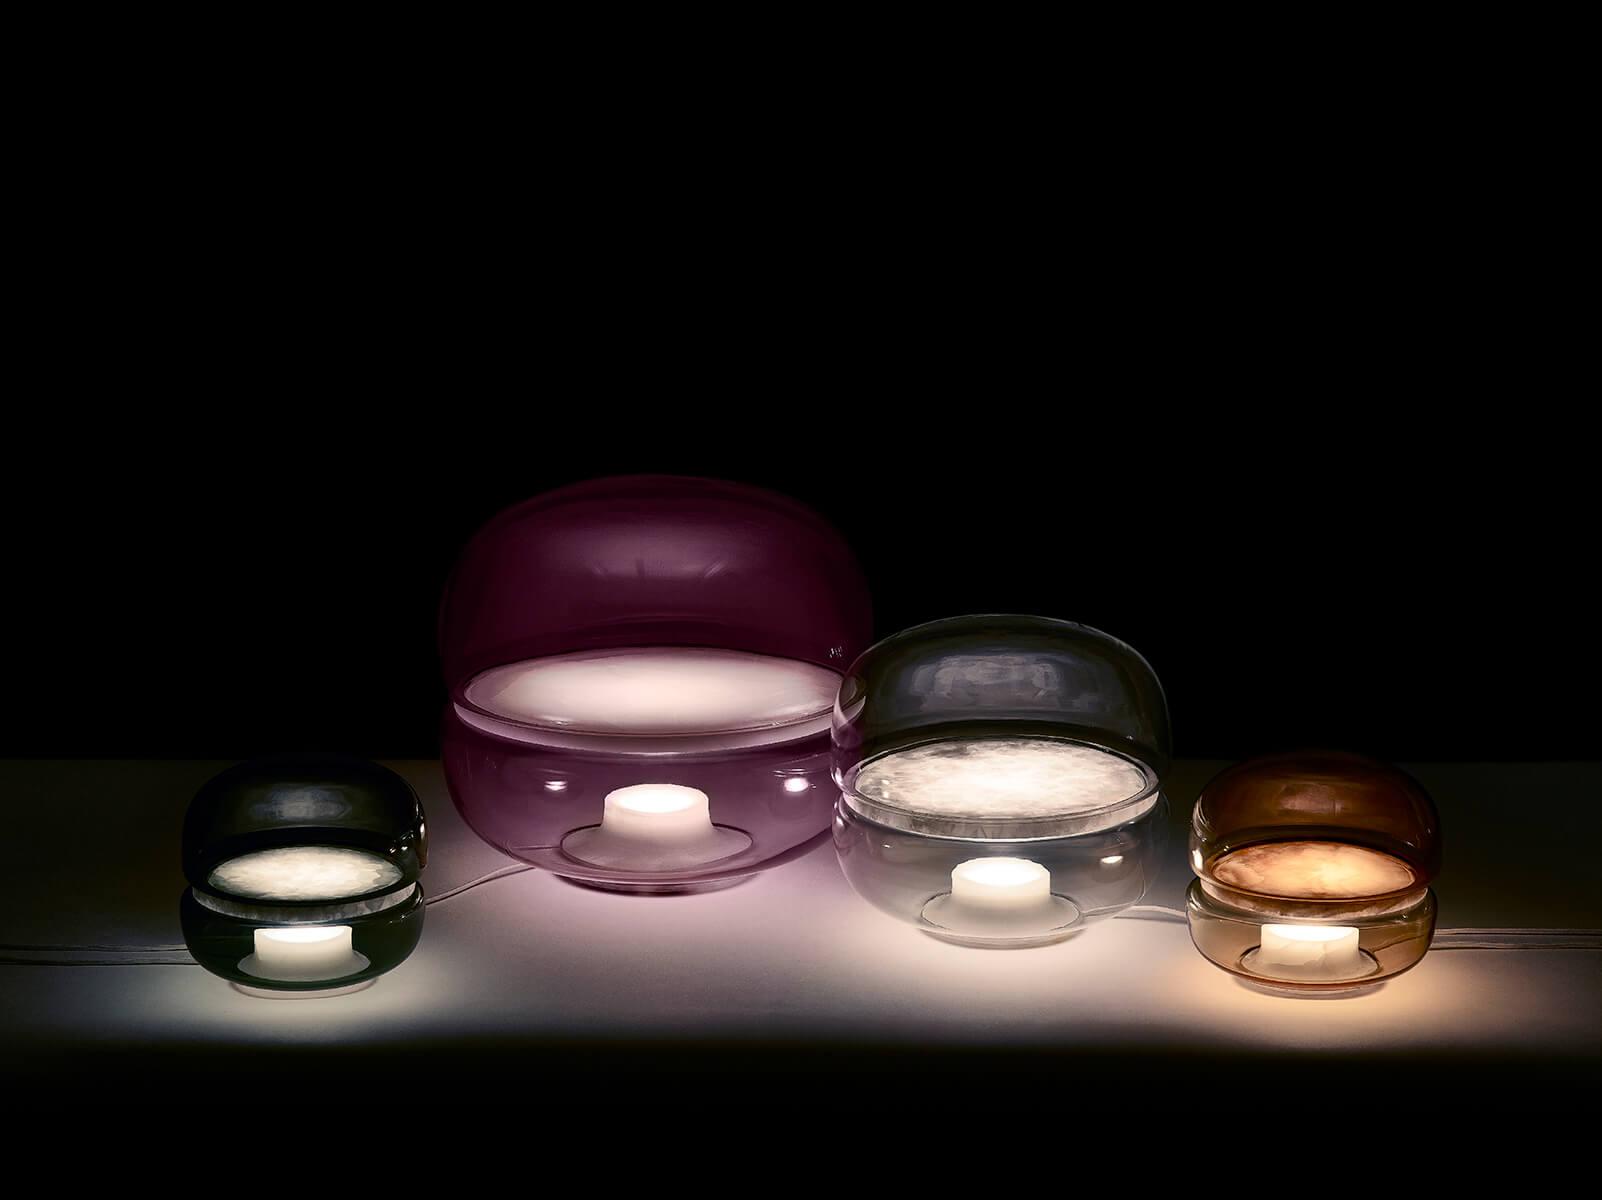 Macaron, luminaria de la compañía checa Brokis, está compuesta por una lámina de piedra ónix que flota en el centro de una estructura de vidrio soplado artesanalmente.